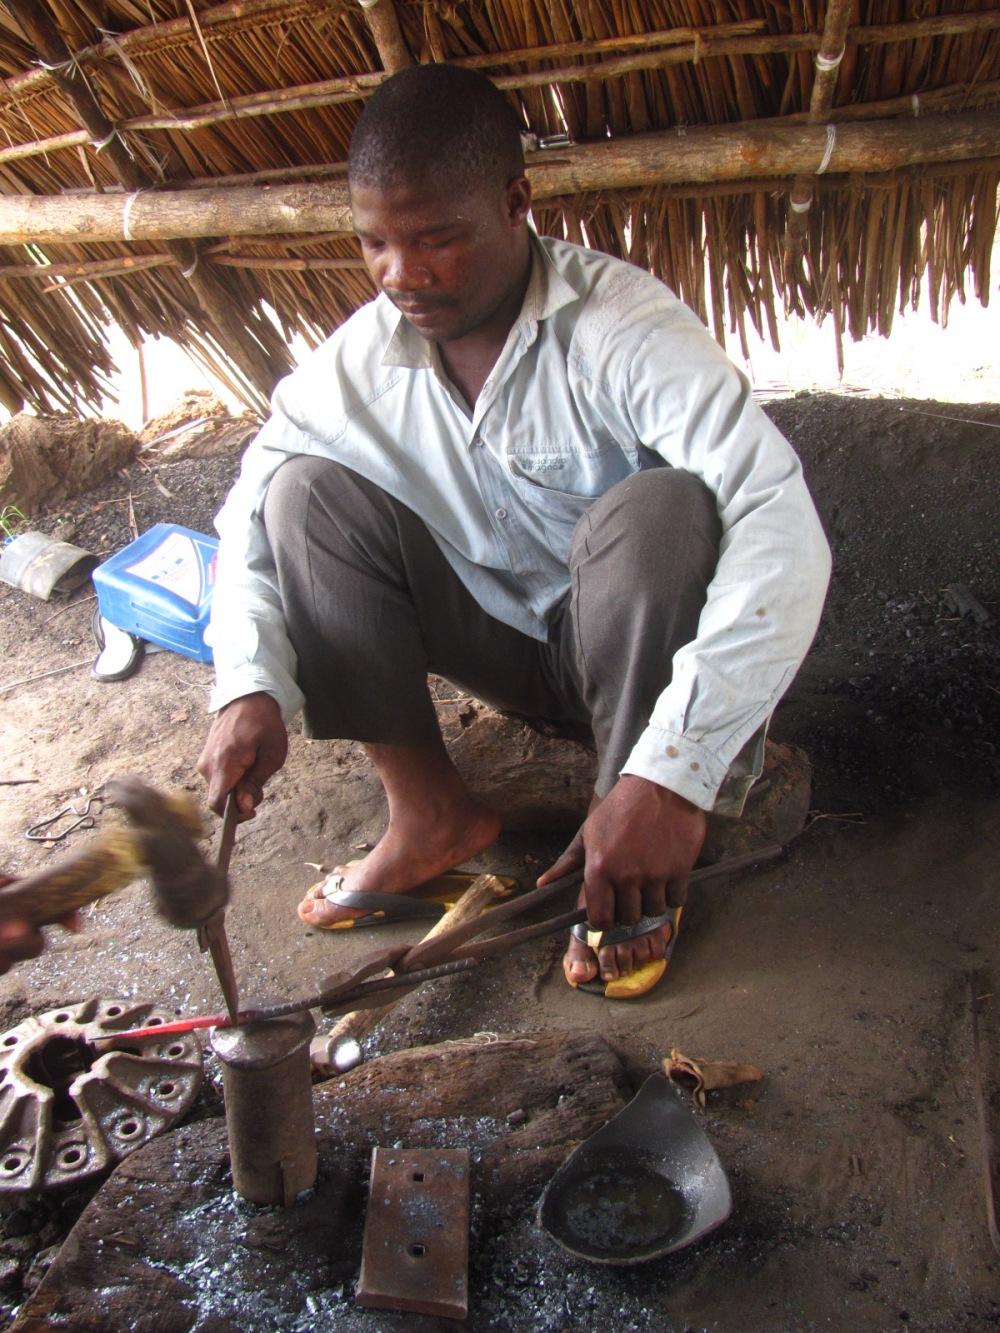 Blacksmith at work, making big nails